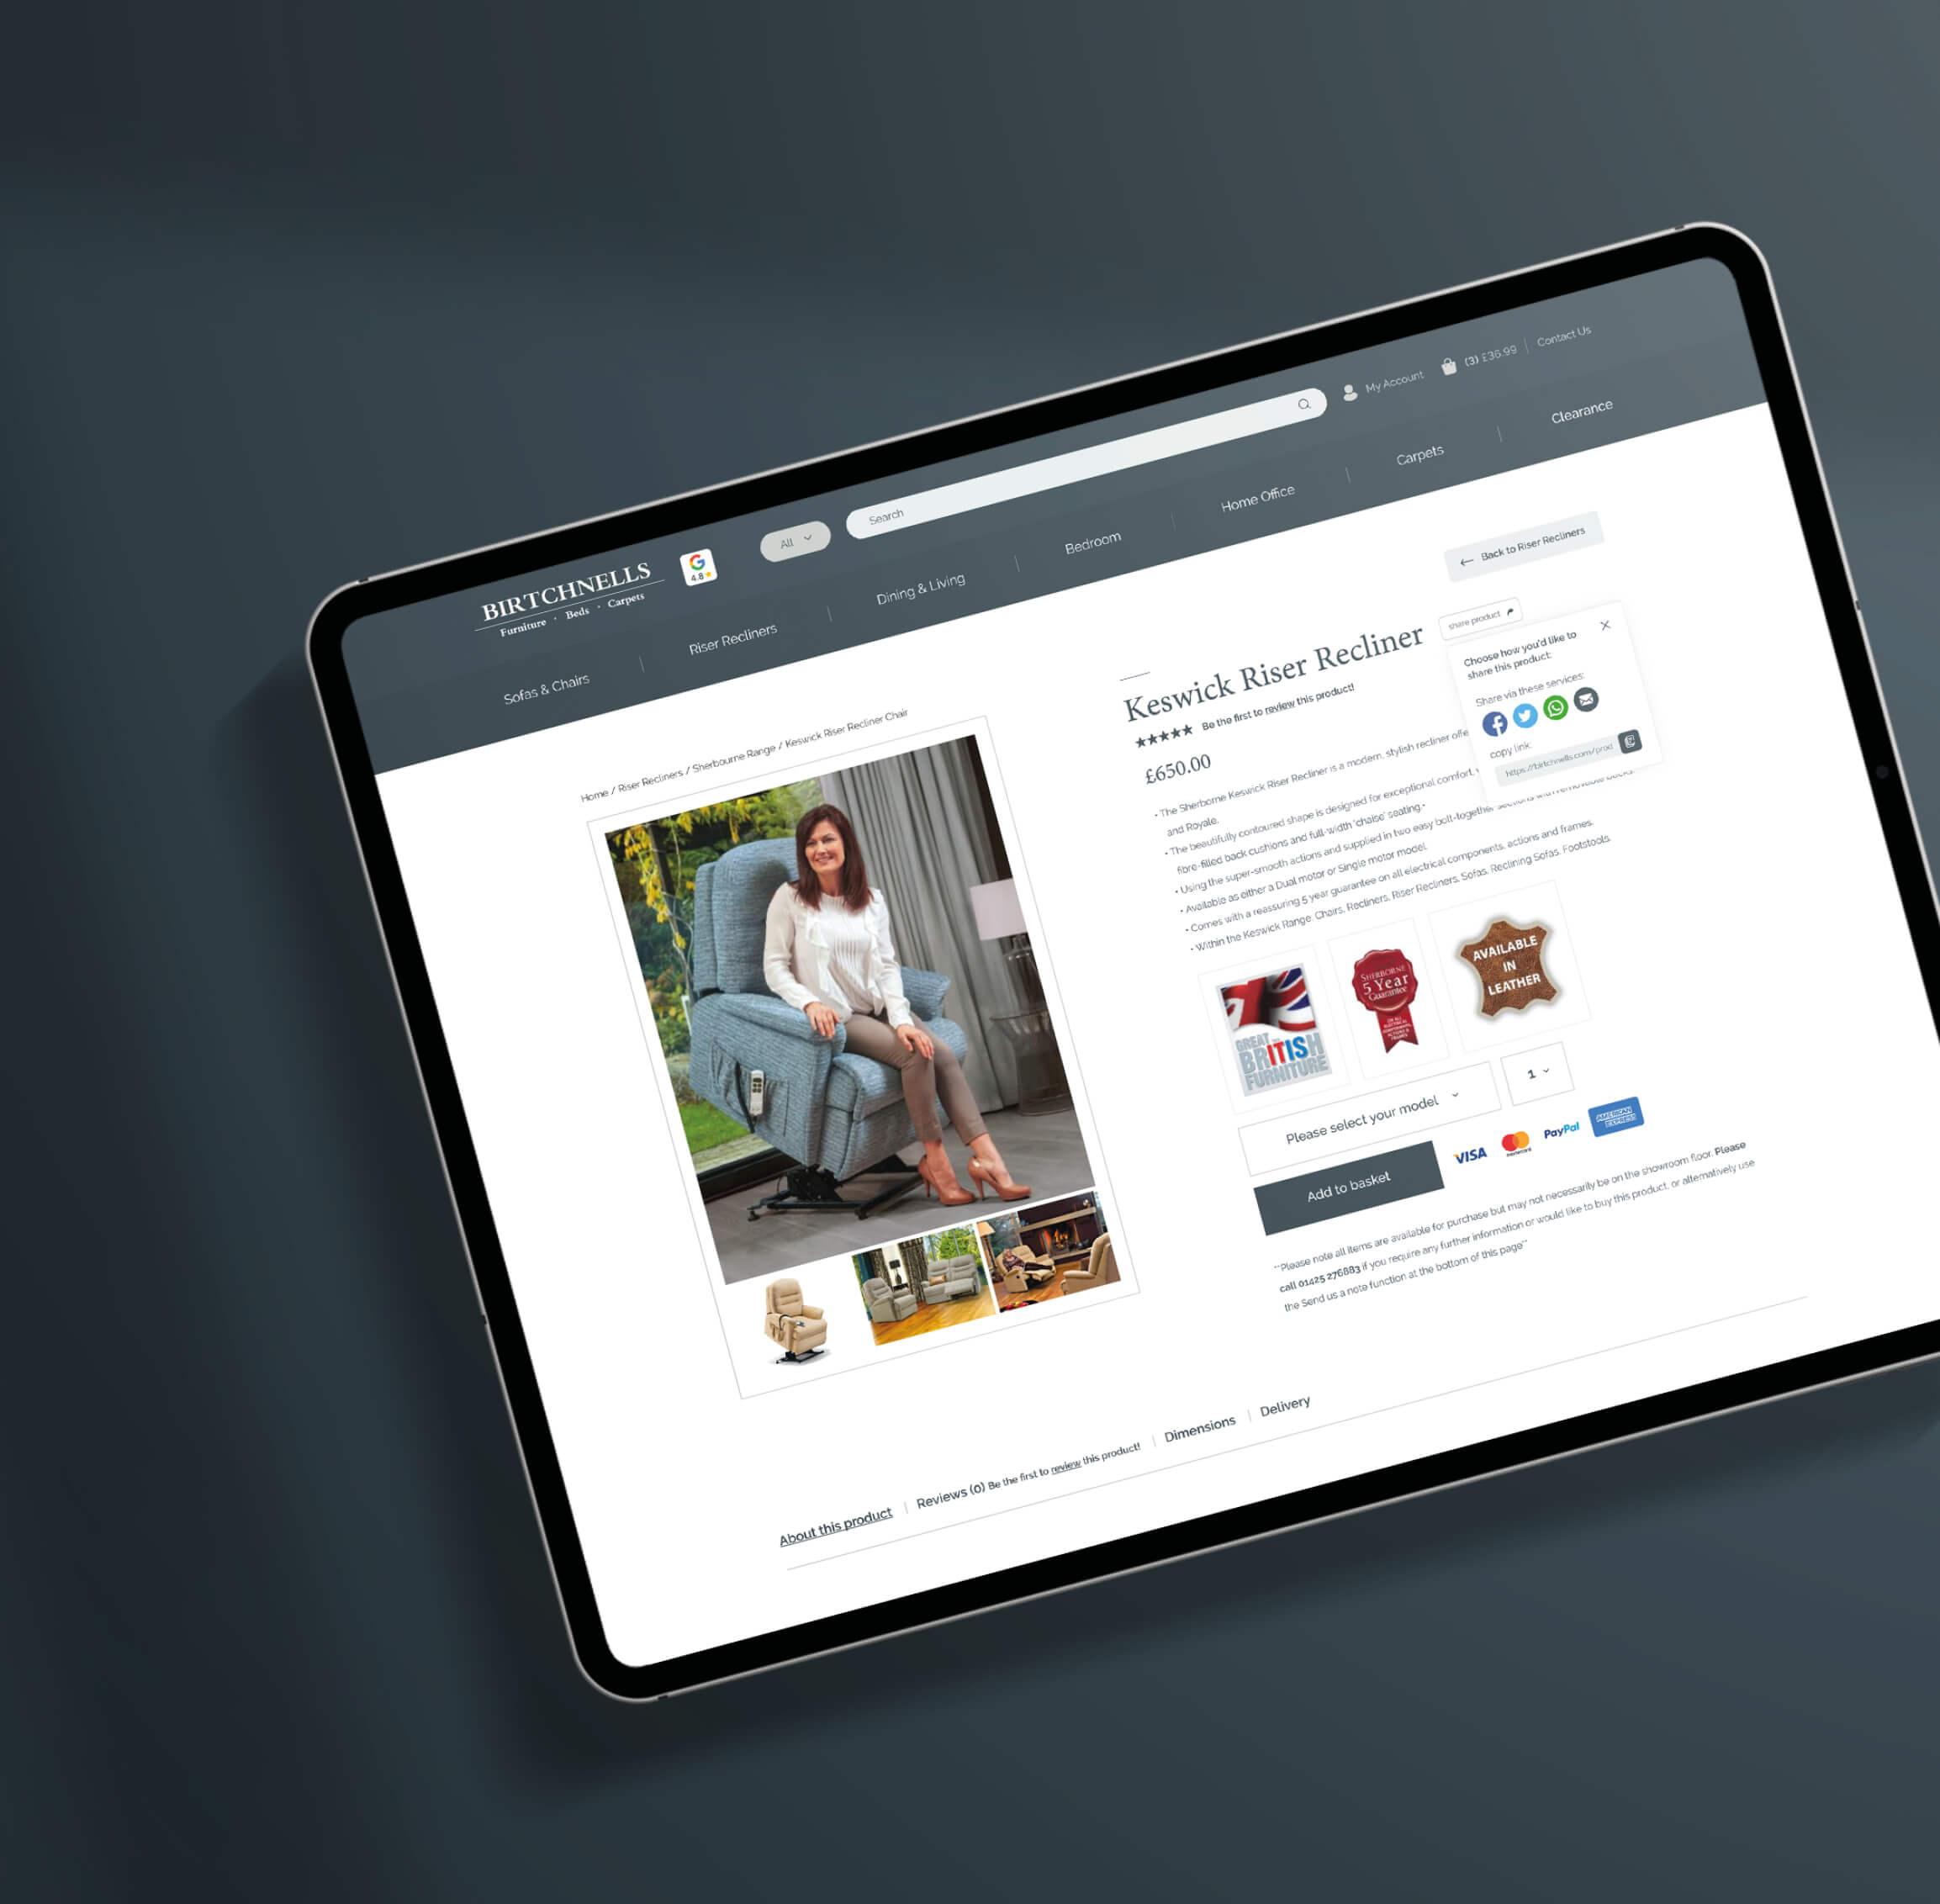 Birtchnells Website Design